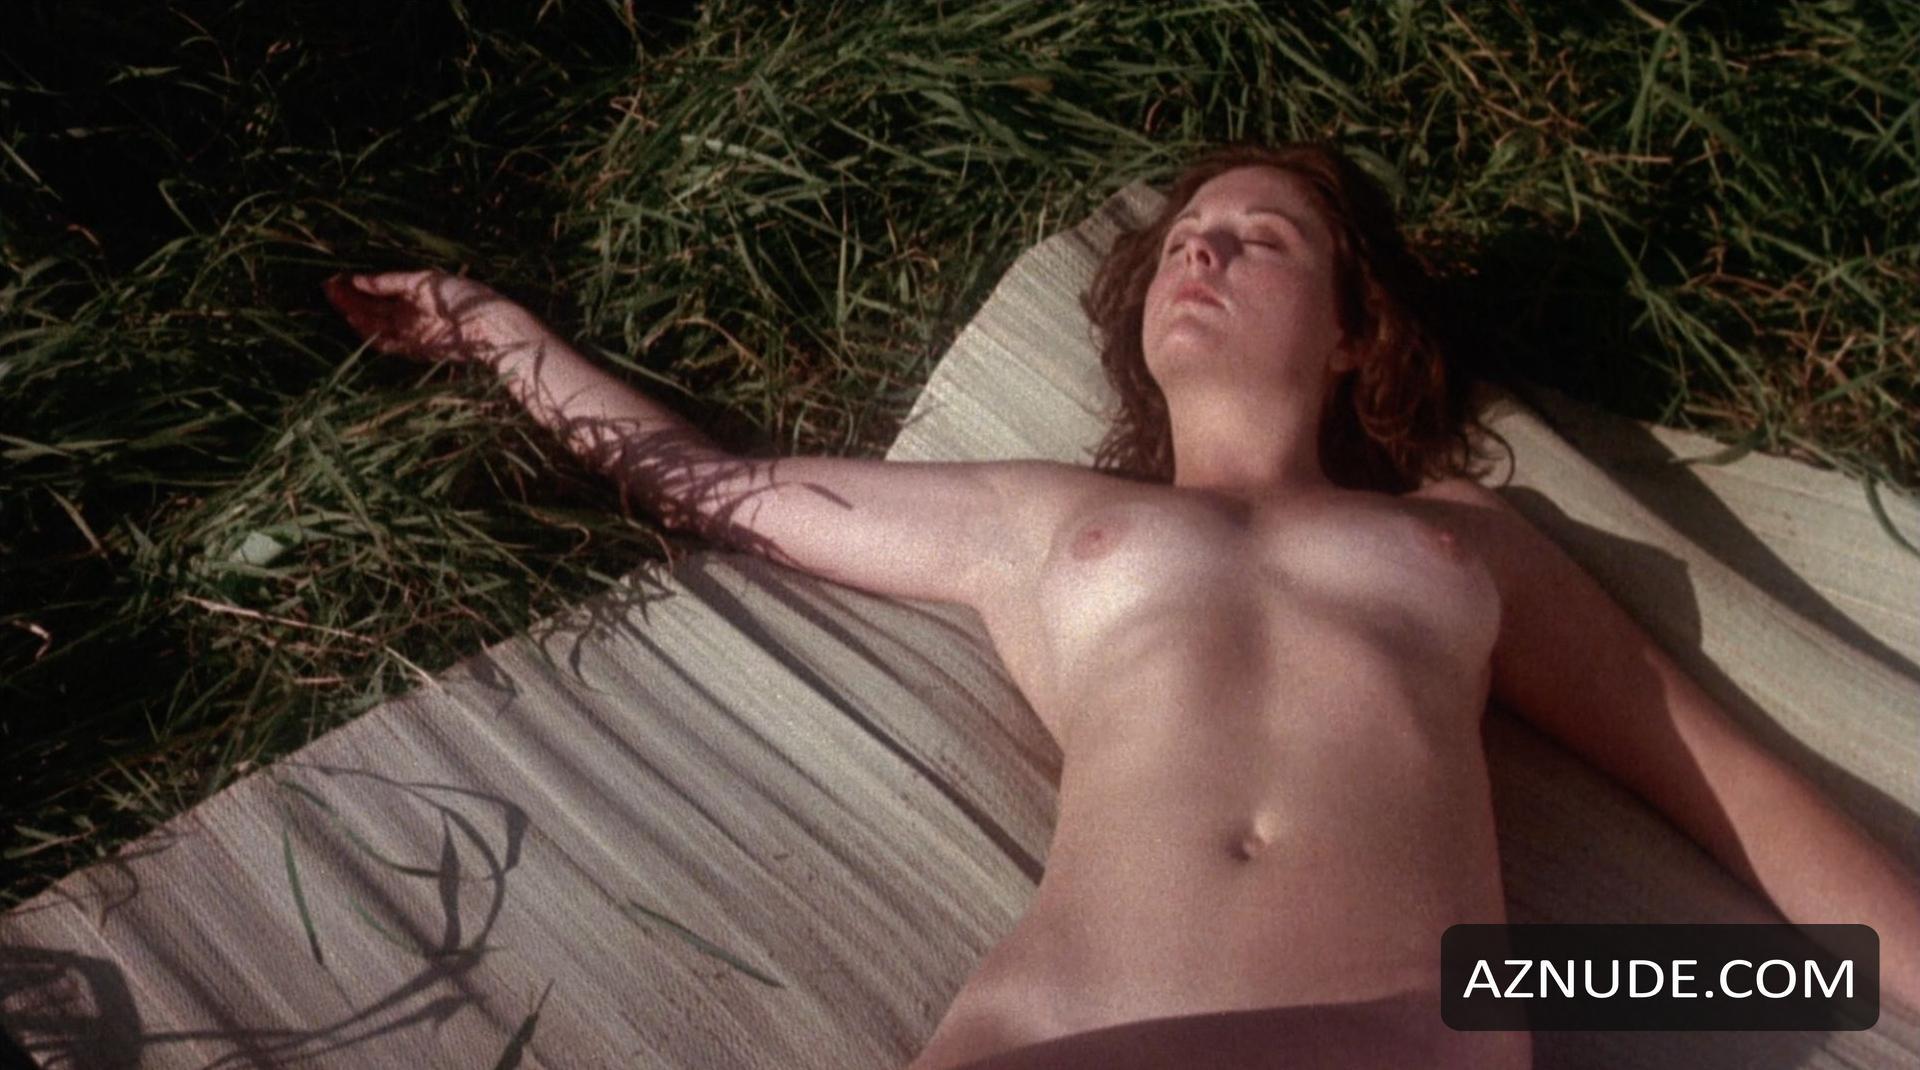 Caitlin coyner boob